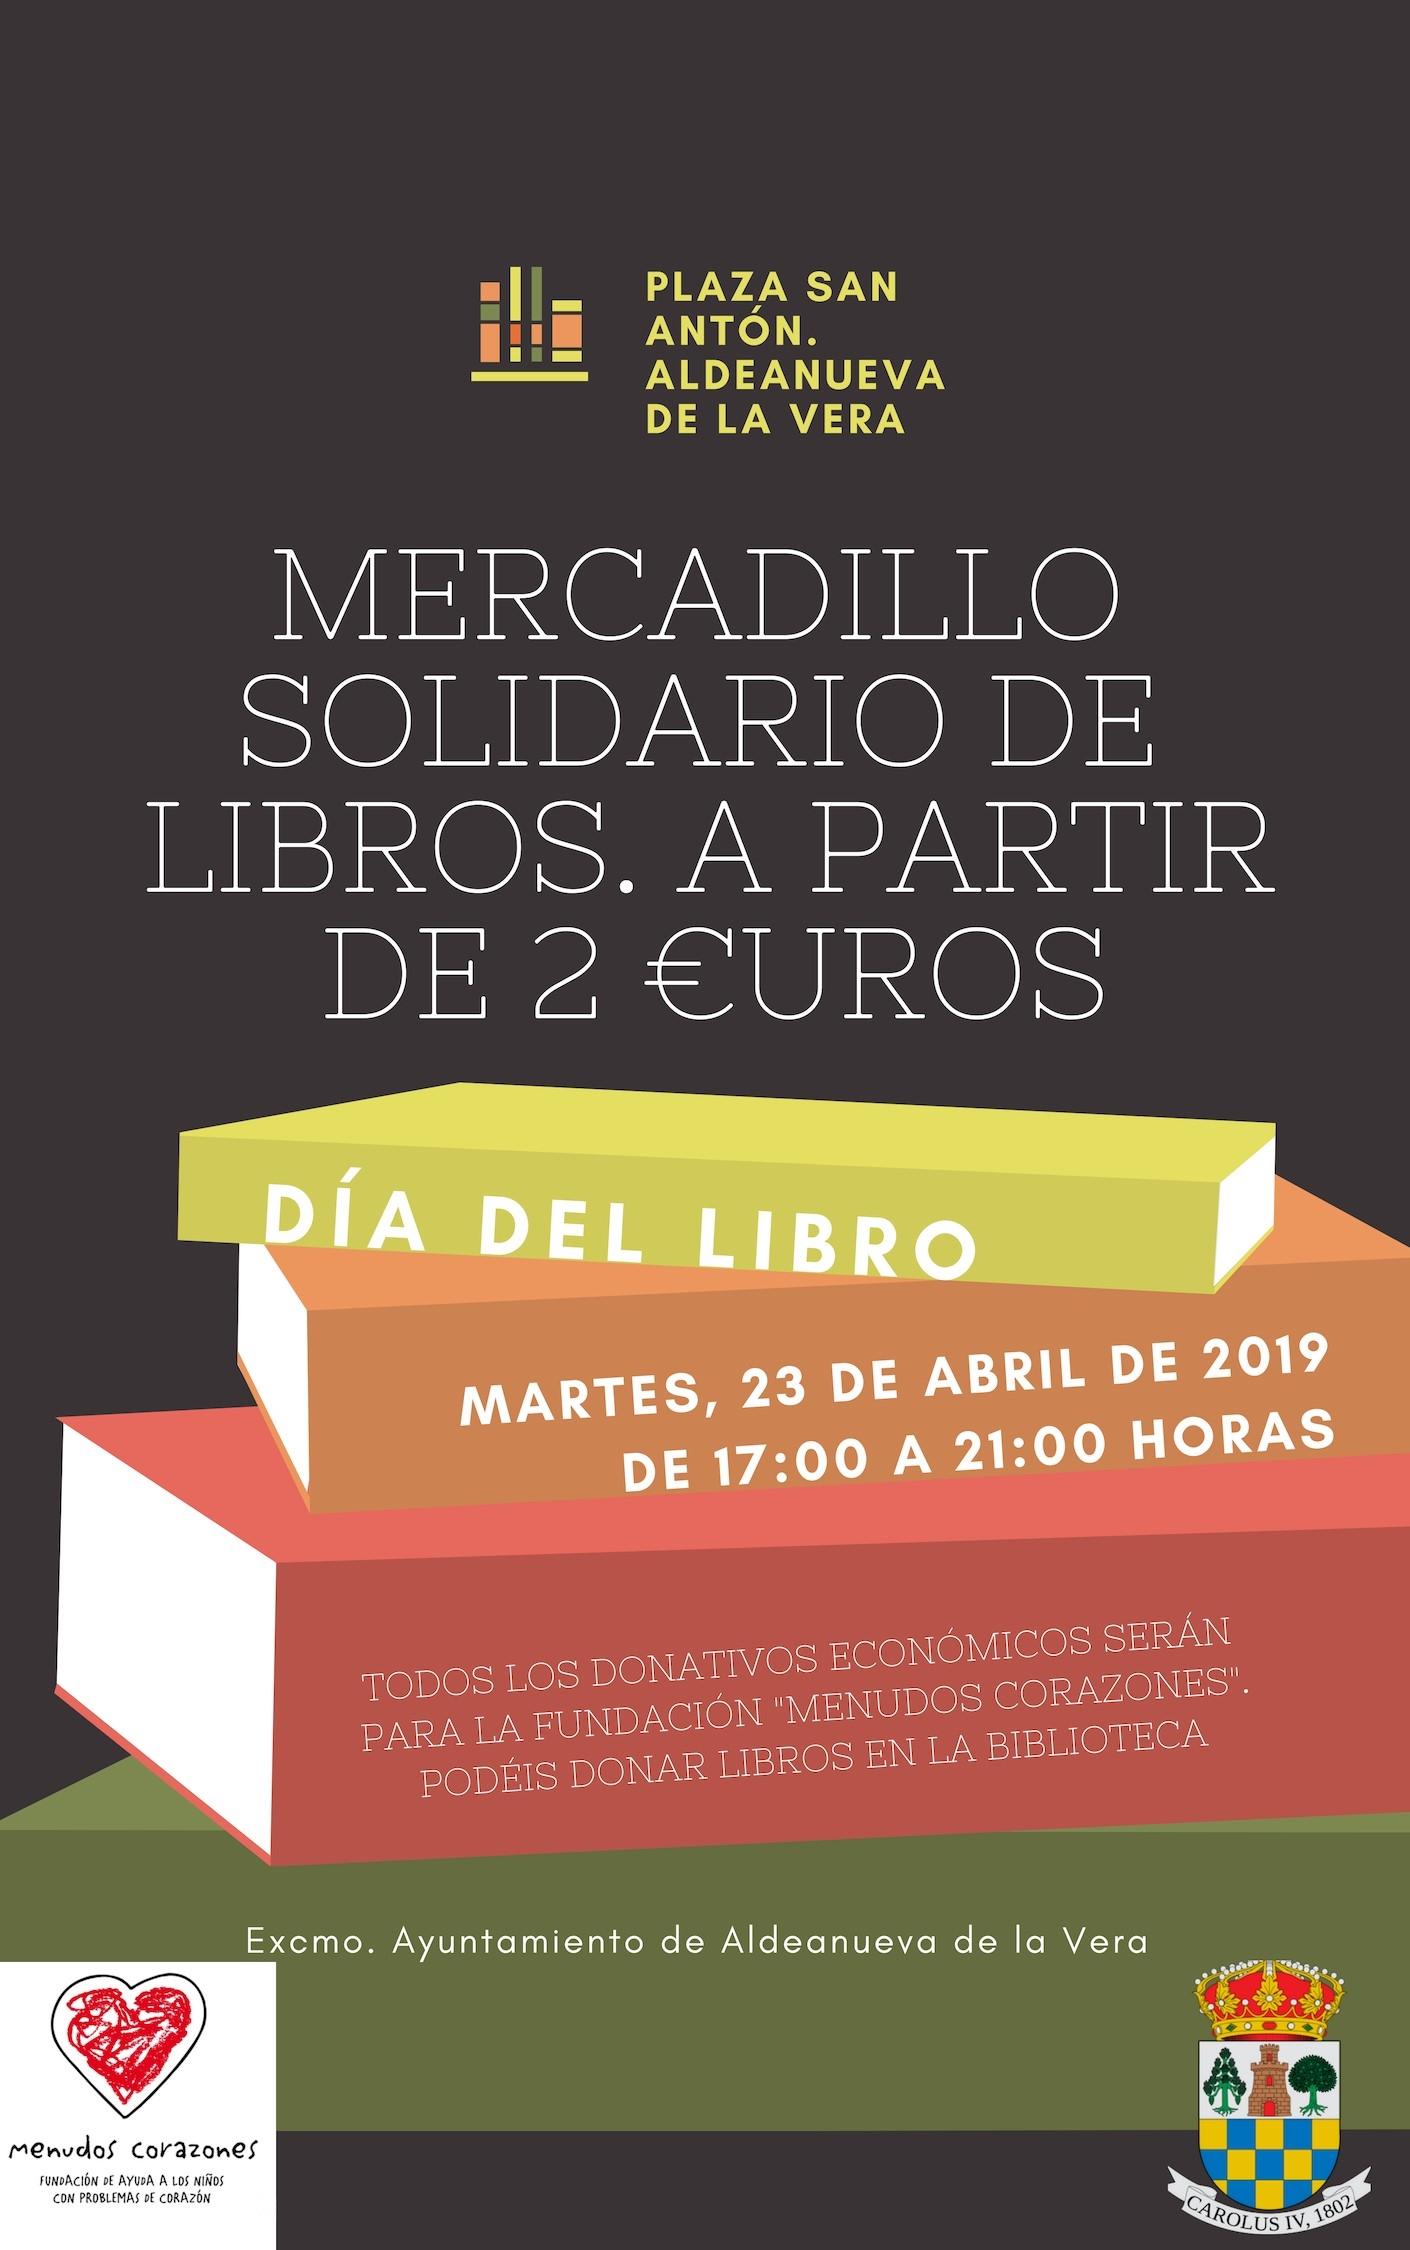 Mercadillo solidario de libros_Aldeanueva de la Vera